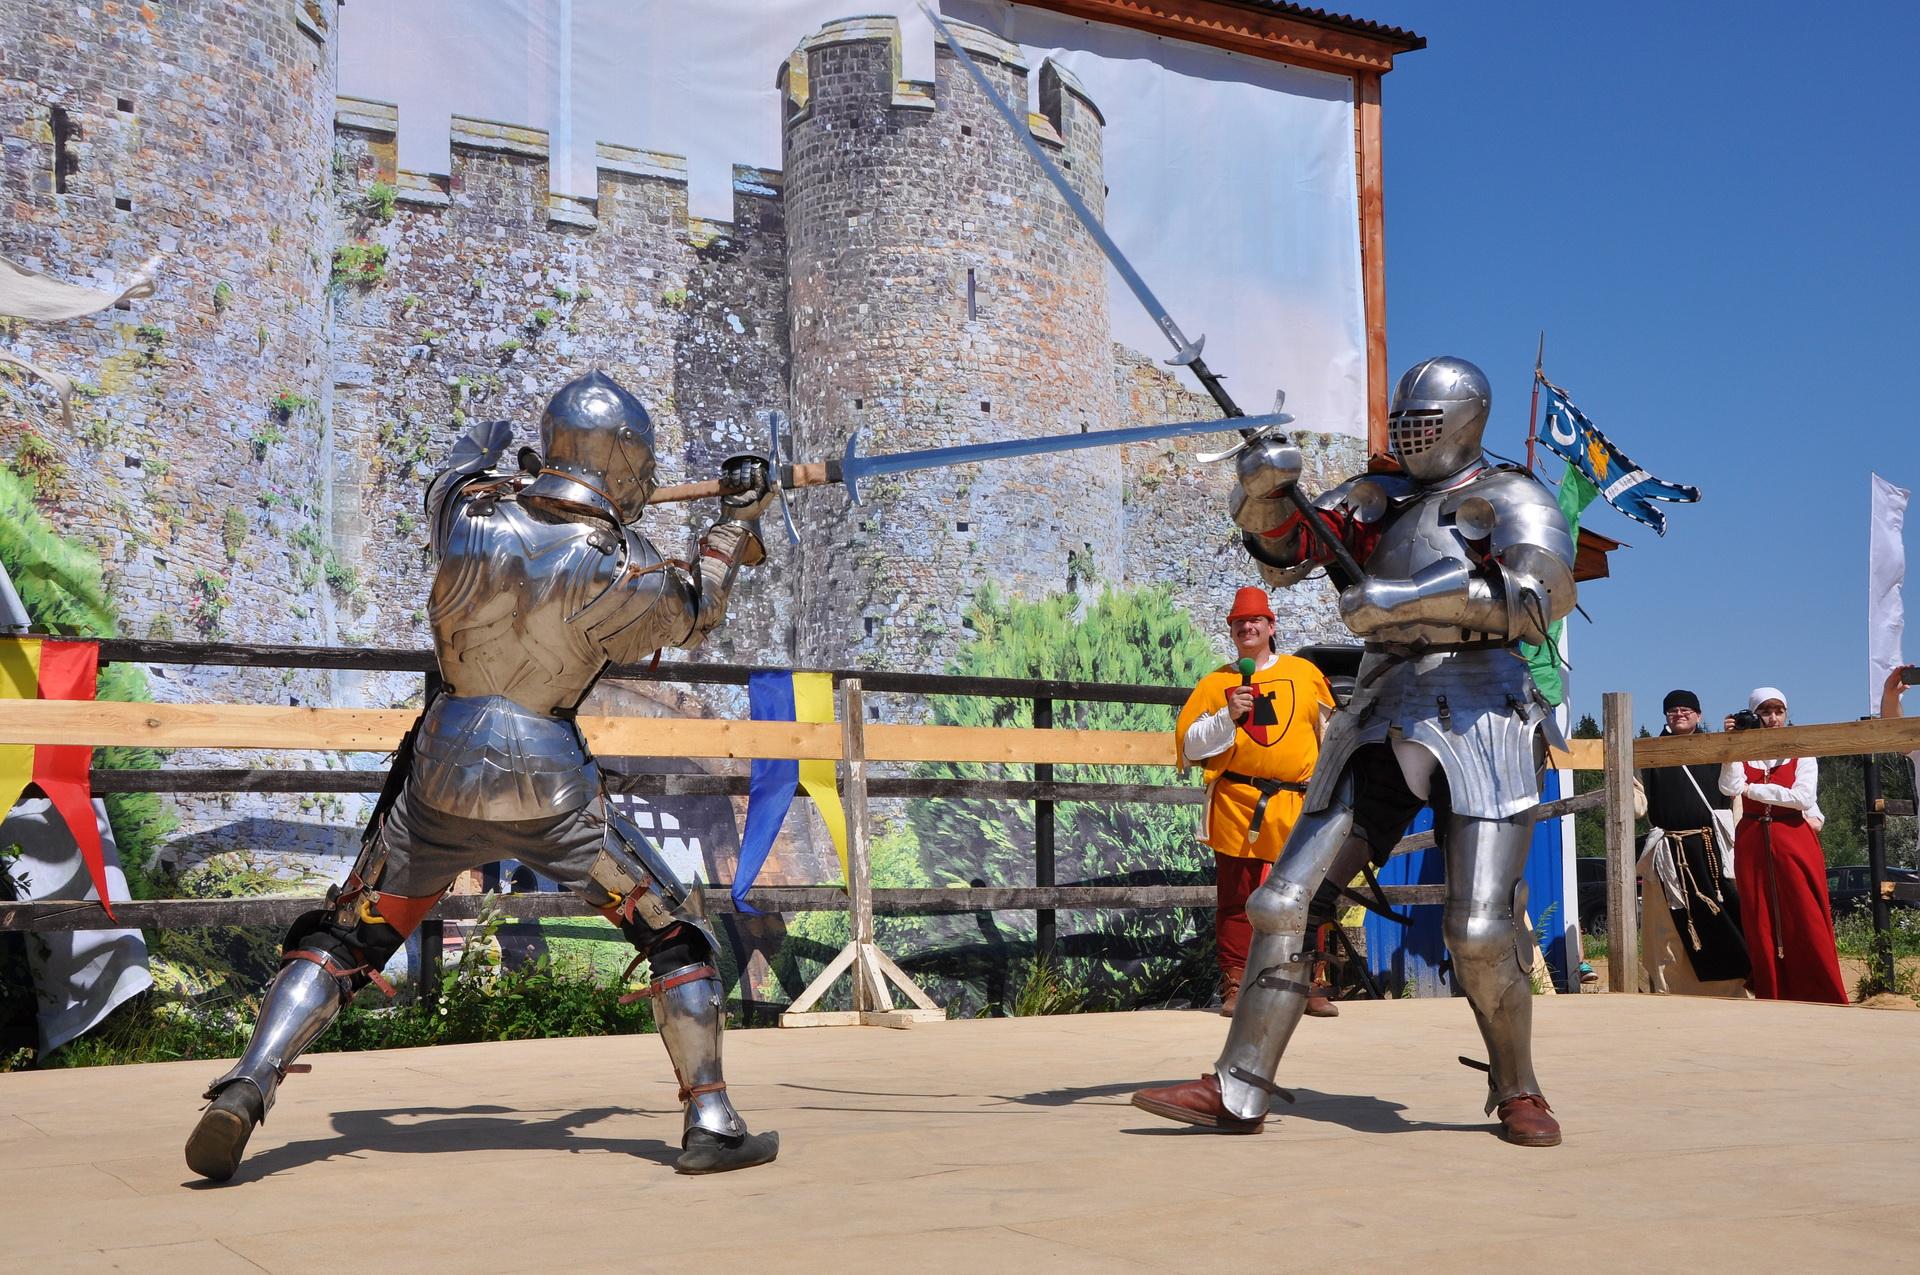 картинки рыцарского турнира в средневековье того